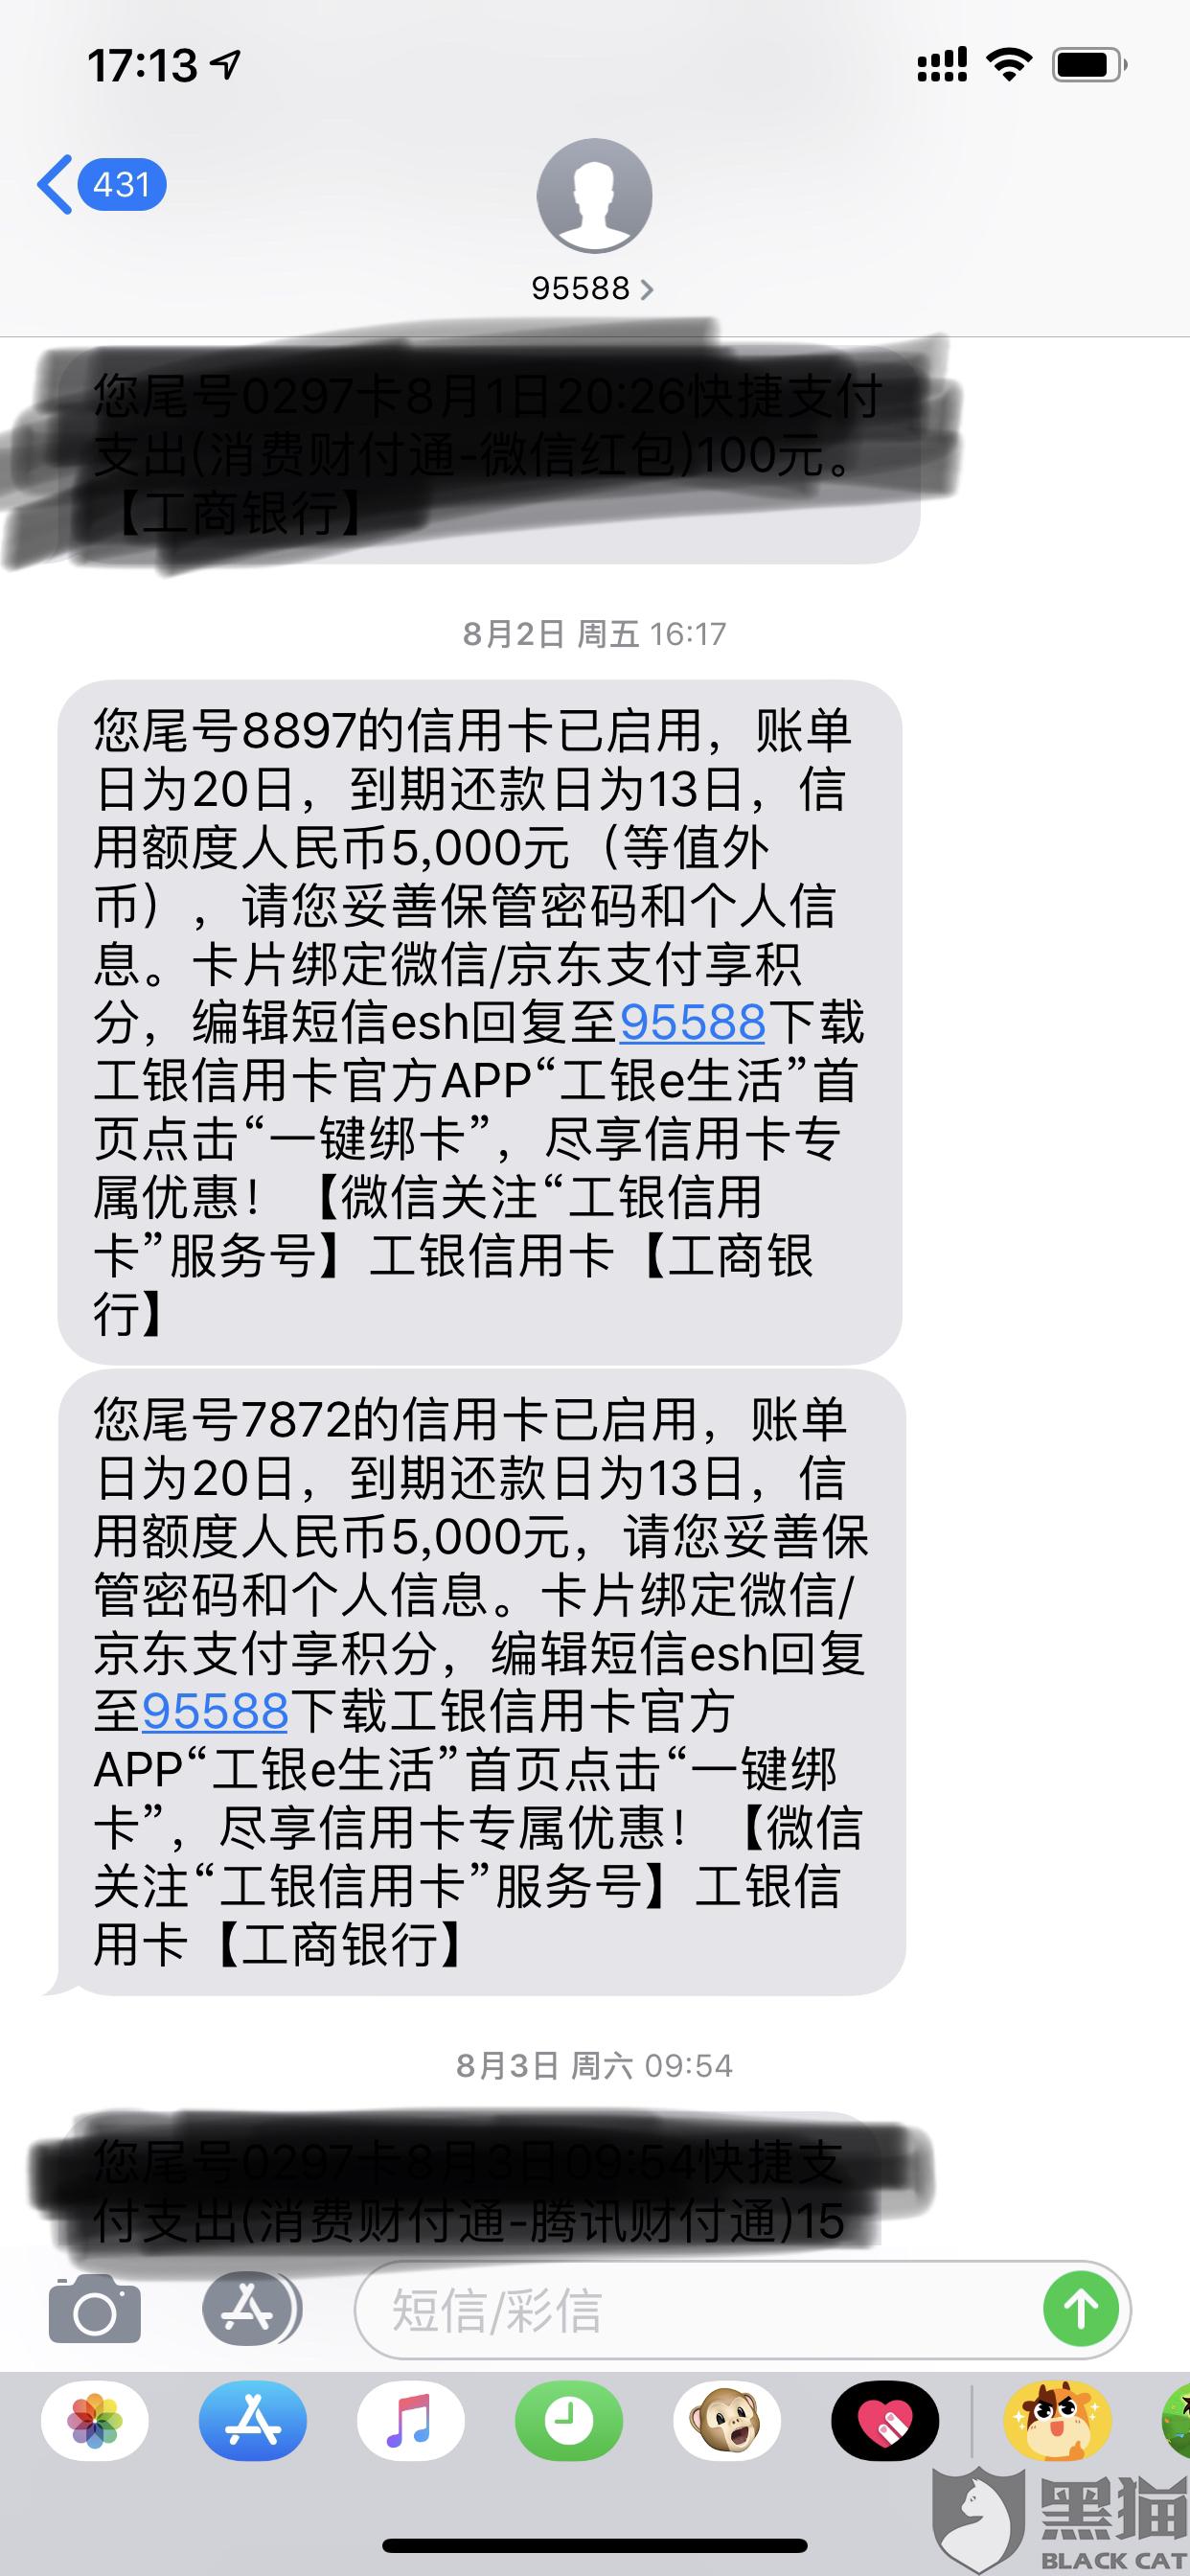 黑猫投诉:中国工商银行95588号码在8月2日给我的手机号下发了两条激活了两张信用卡的短信